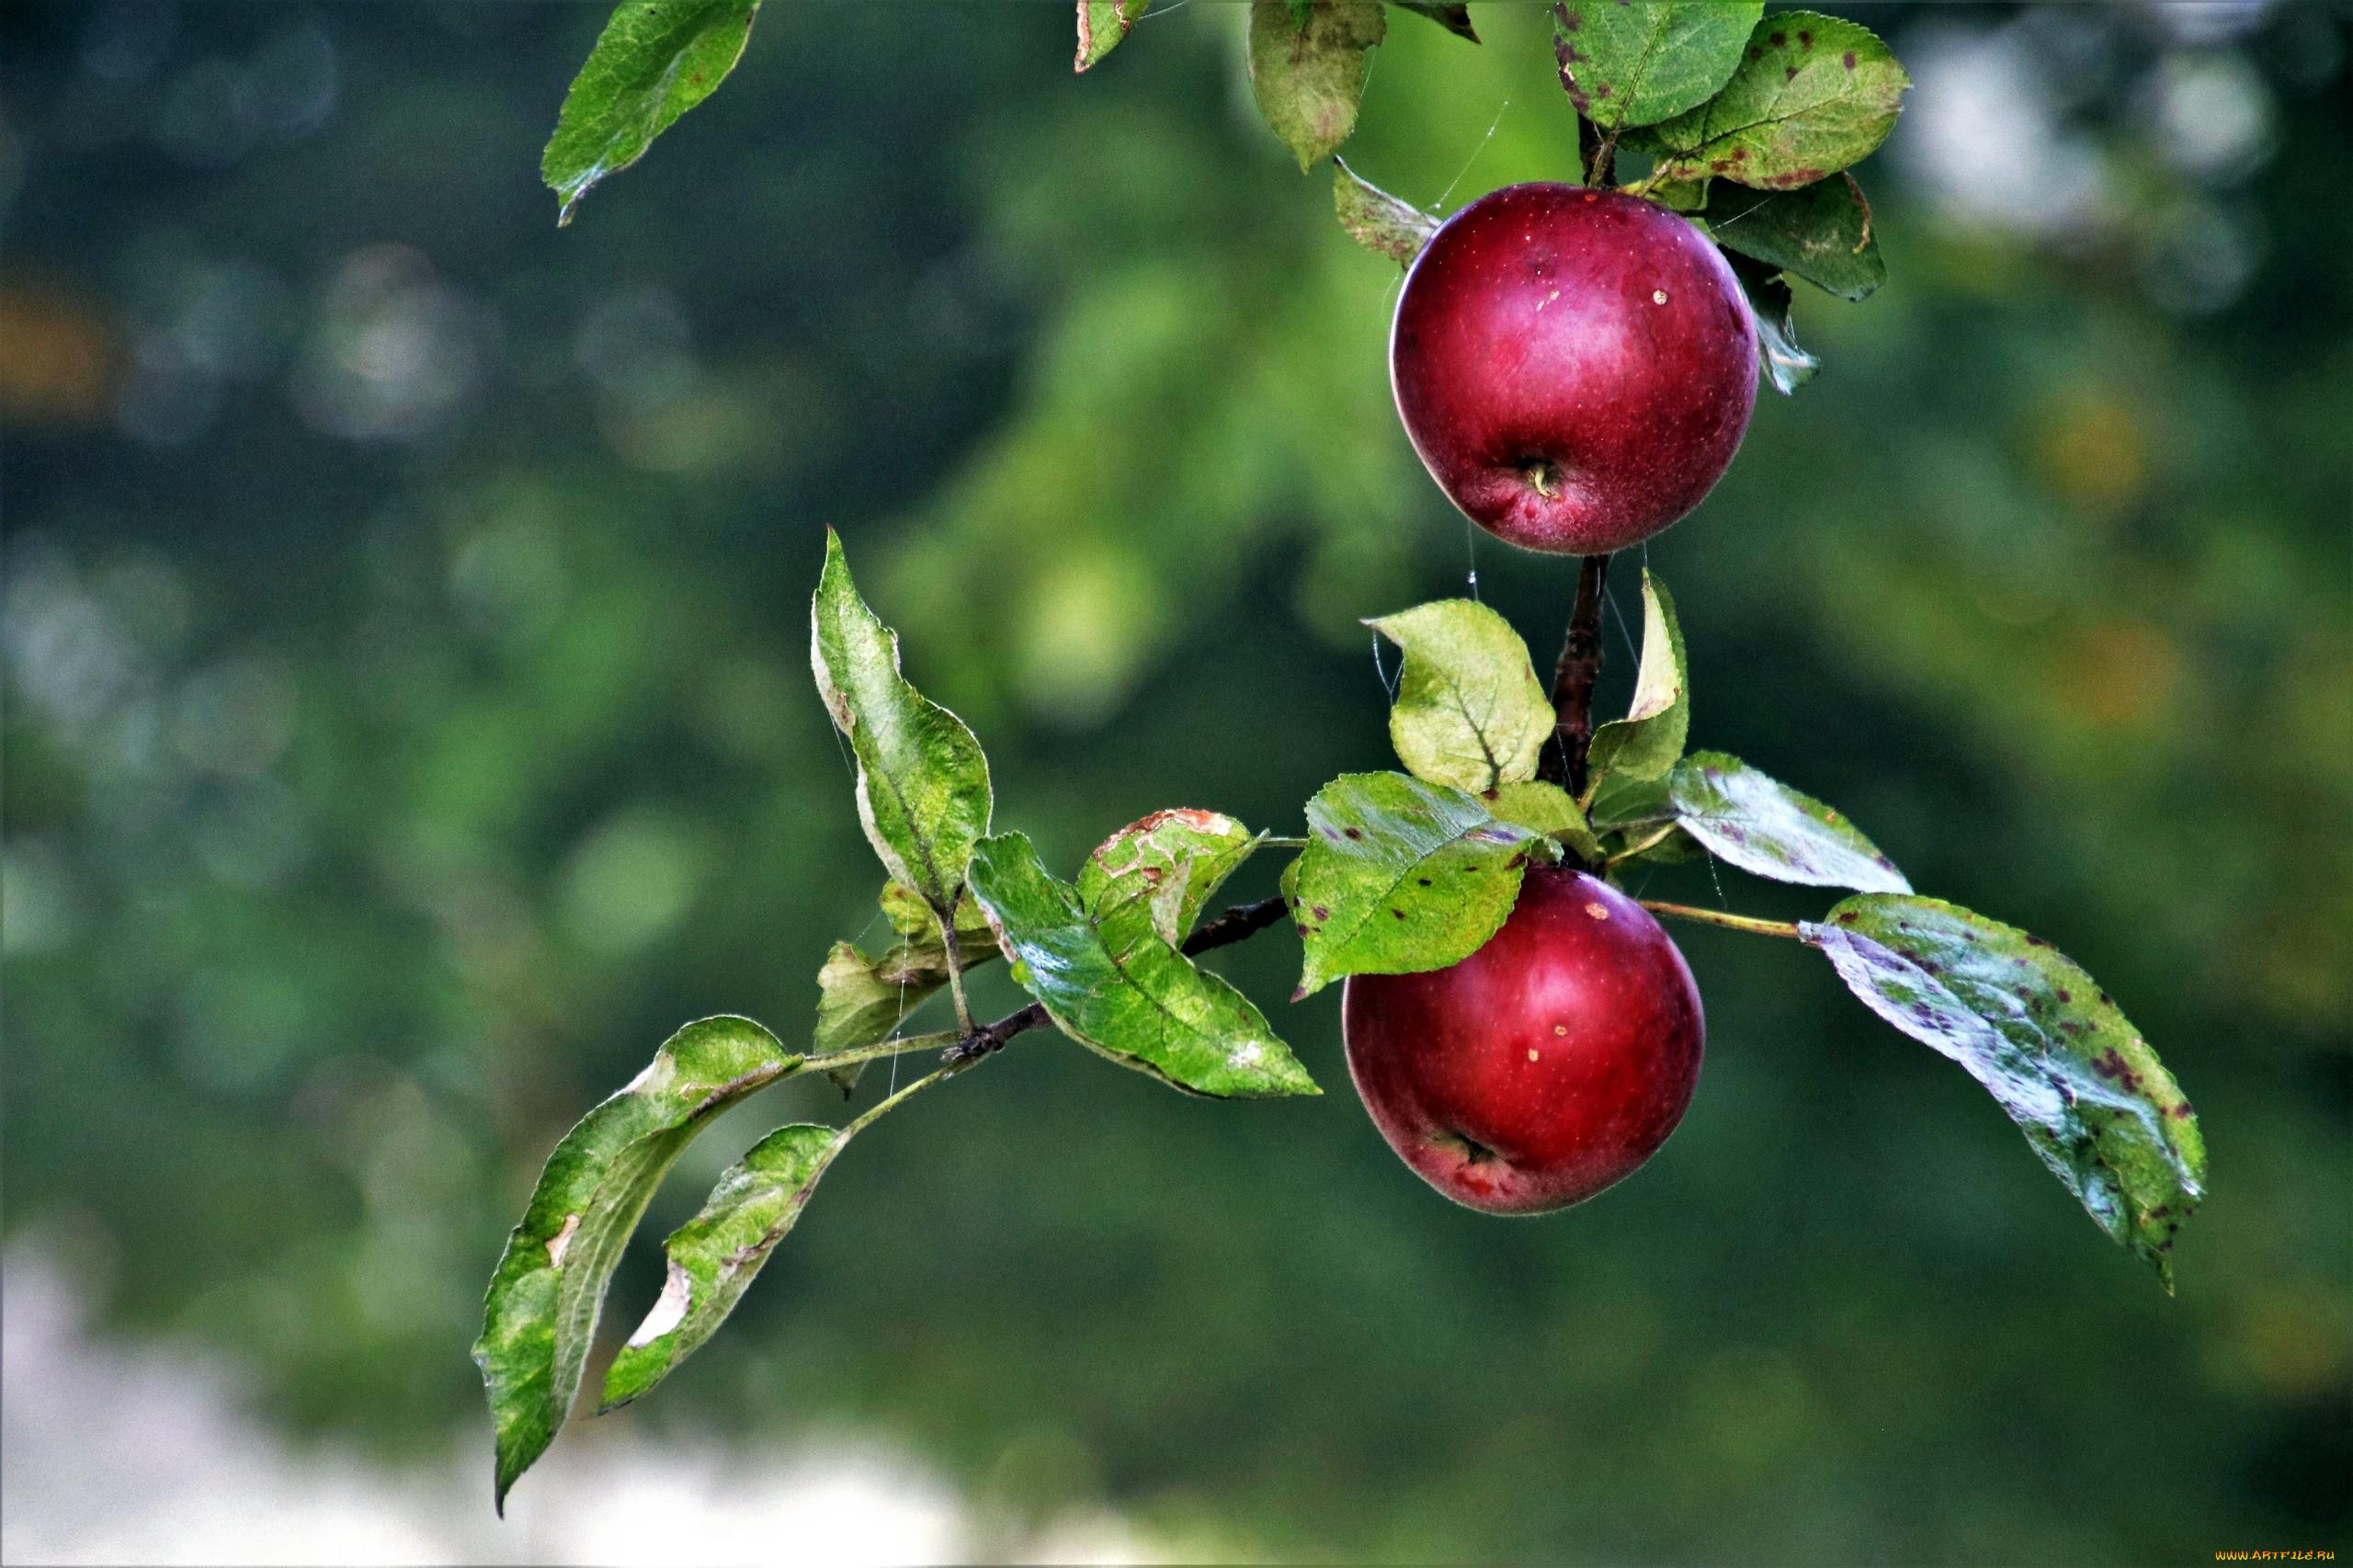 картинки яблоки в цвету и с плодами